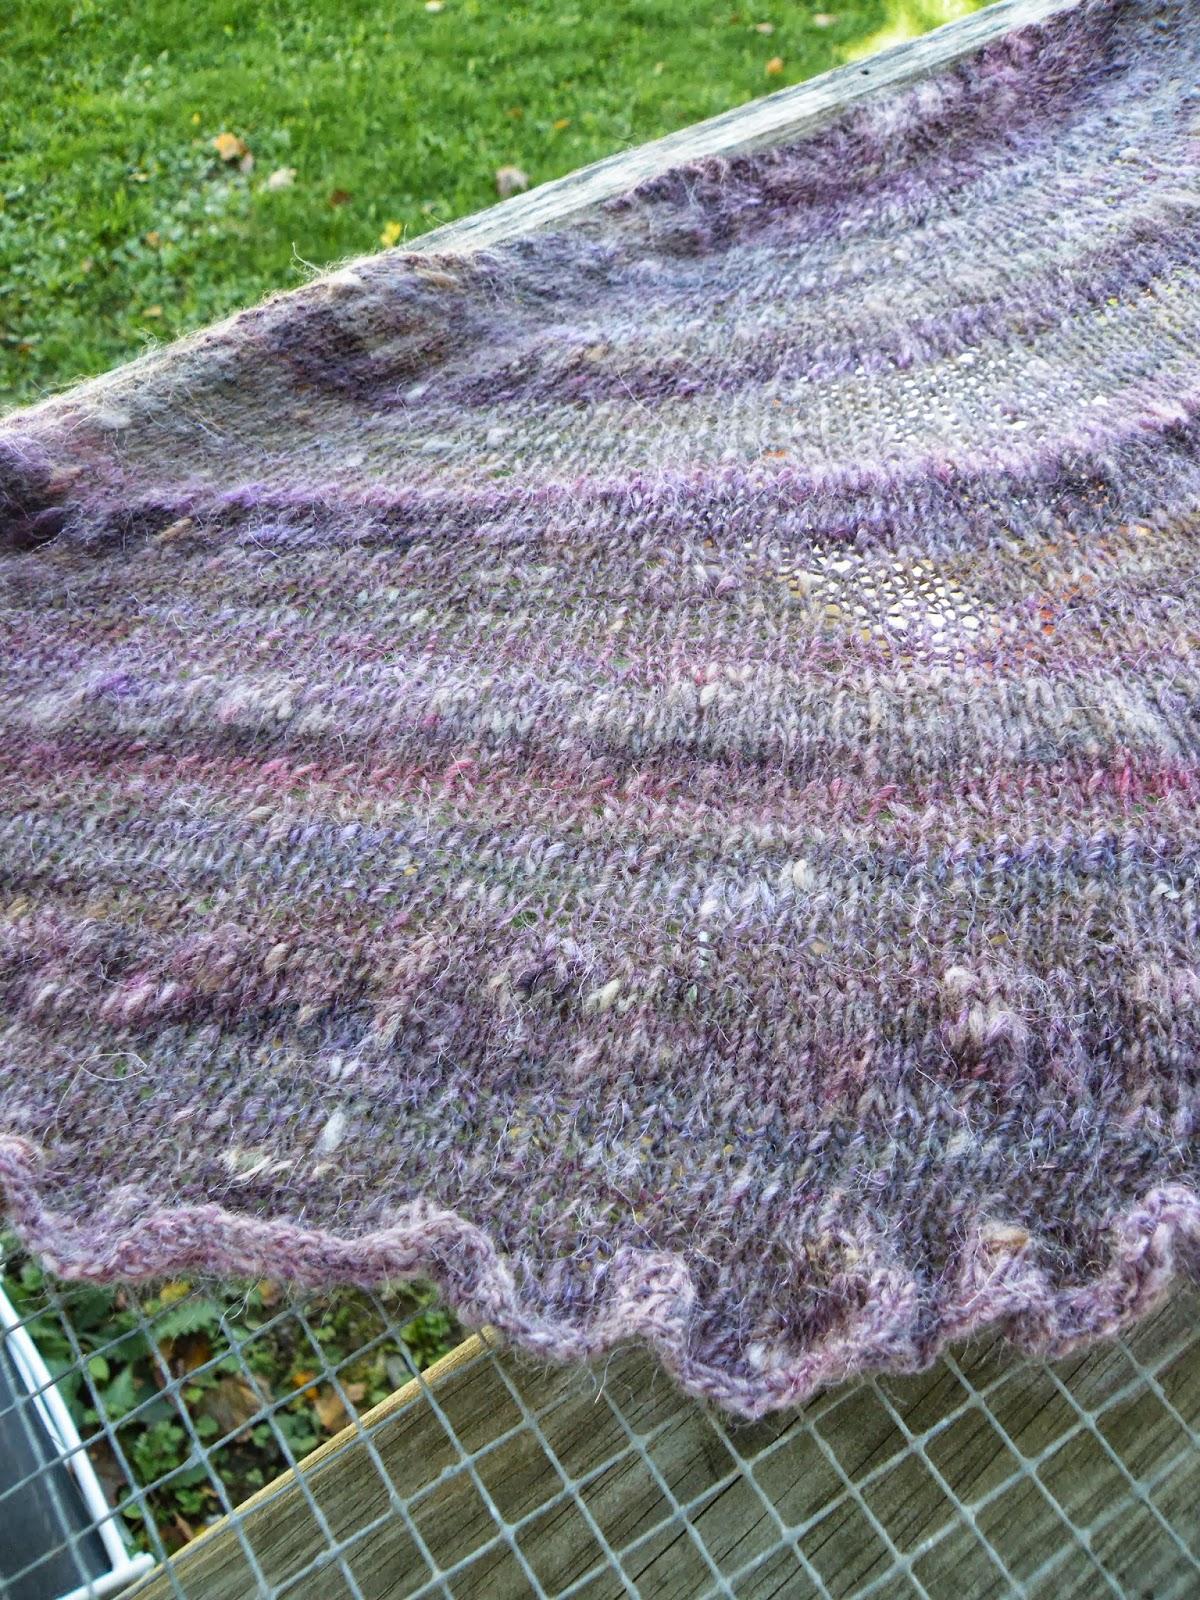 Knitting Handspun Wool : Ontheround tips for knitting with handspun yarn